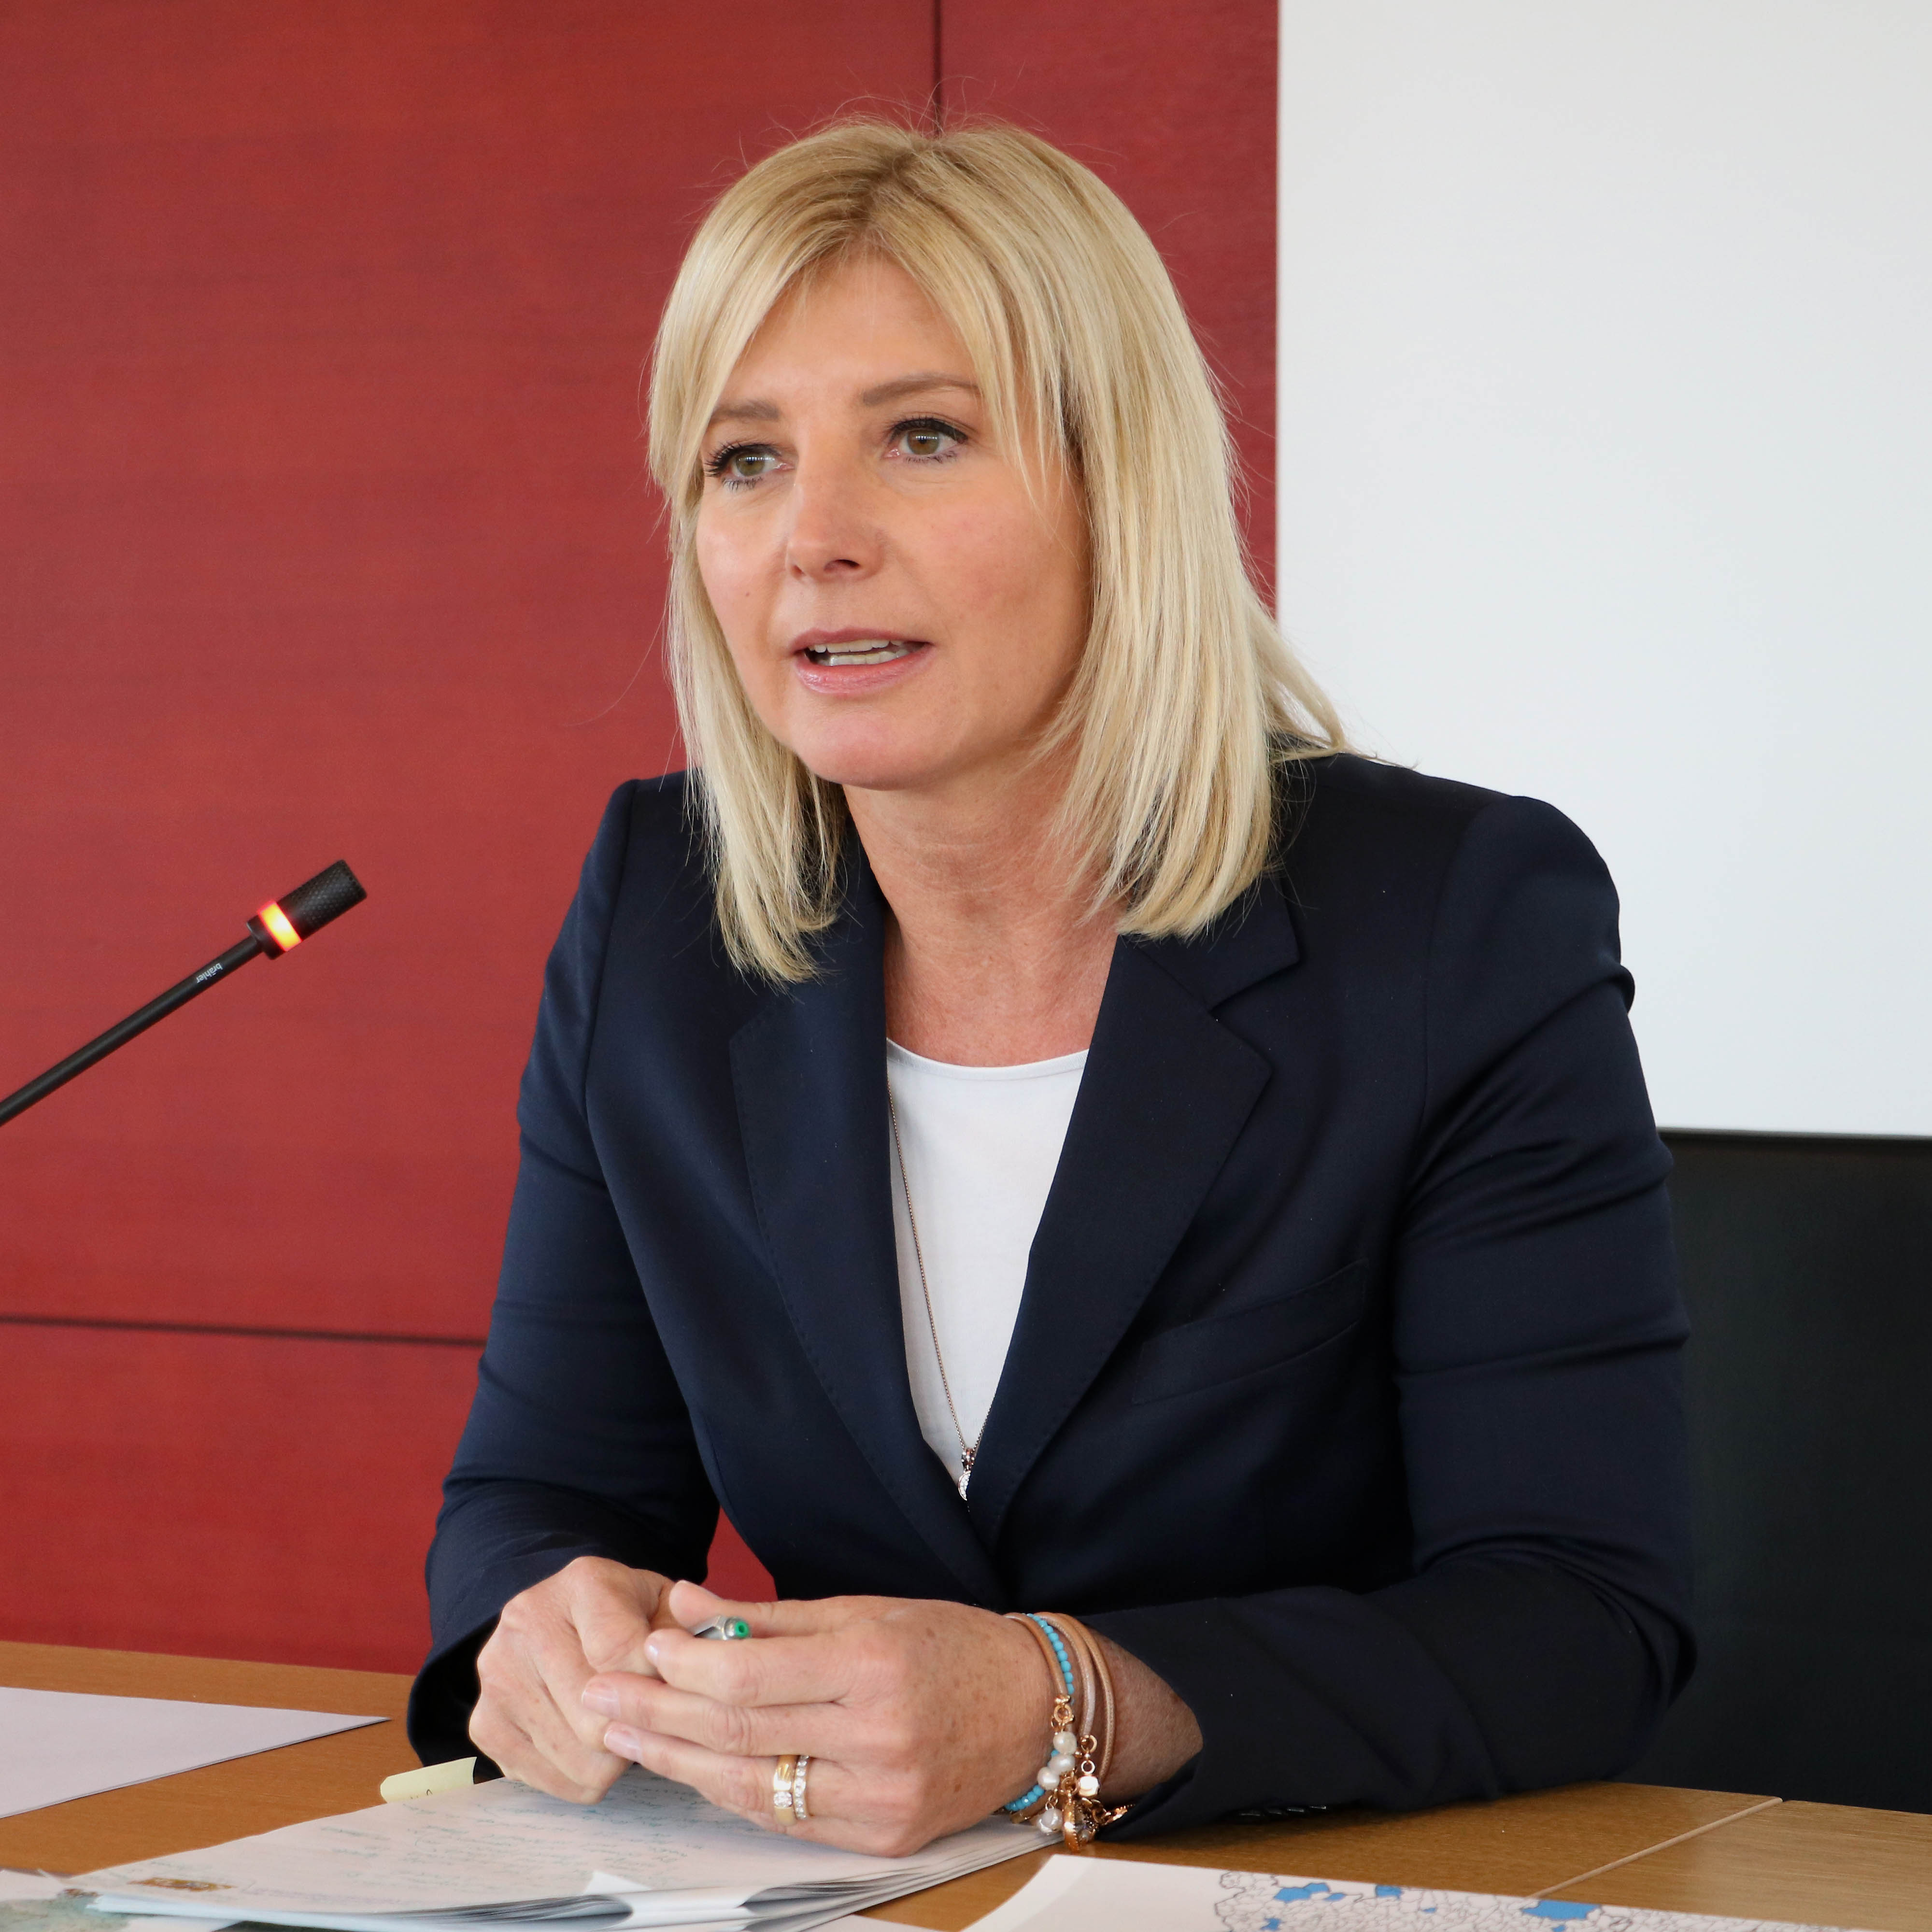 Ulrike Scharf, Staatsministerin für Umwelt und Verbraucherschutz